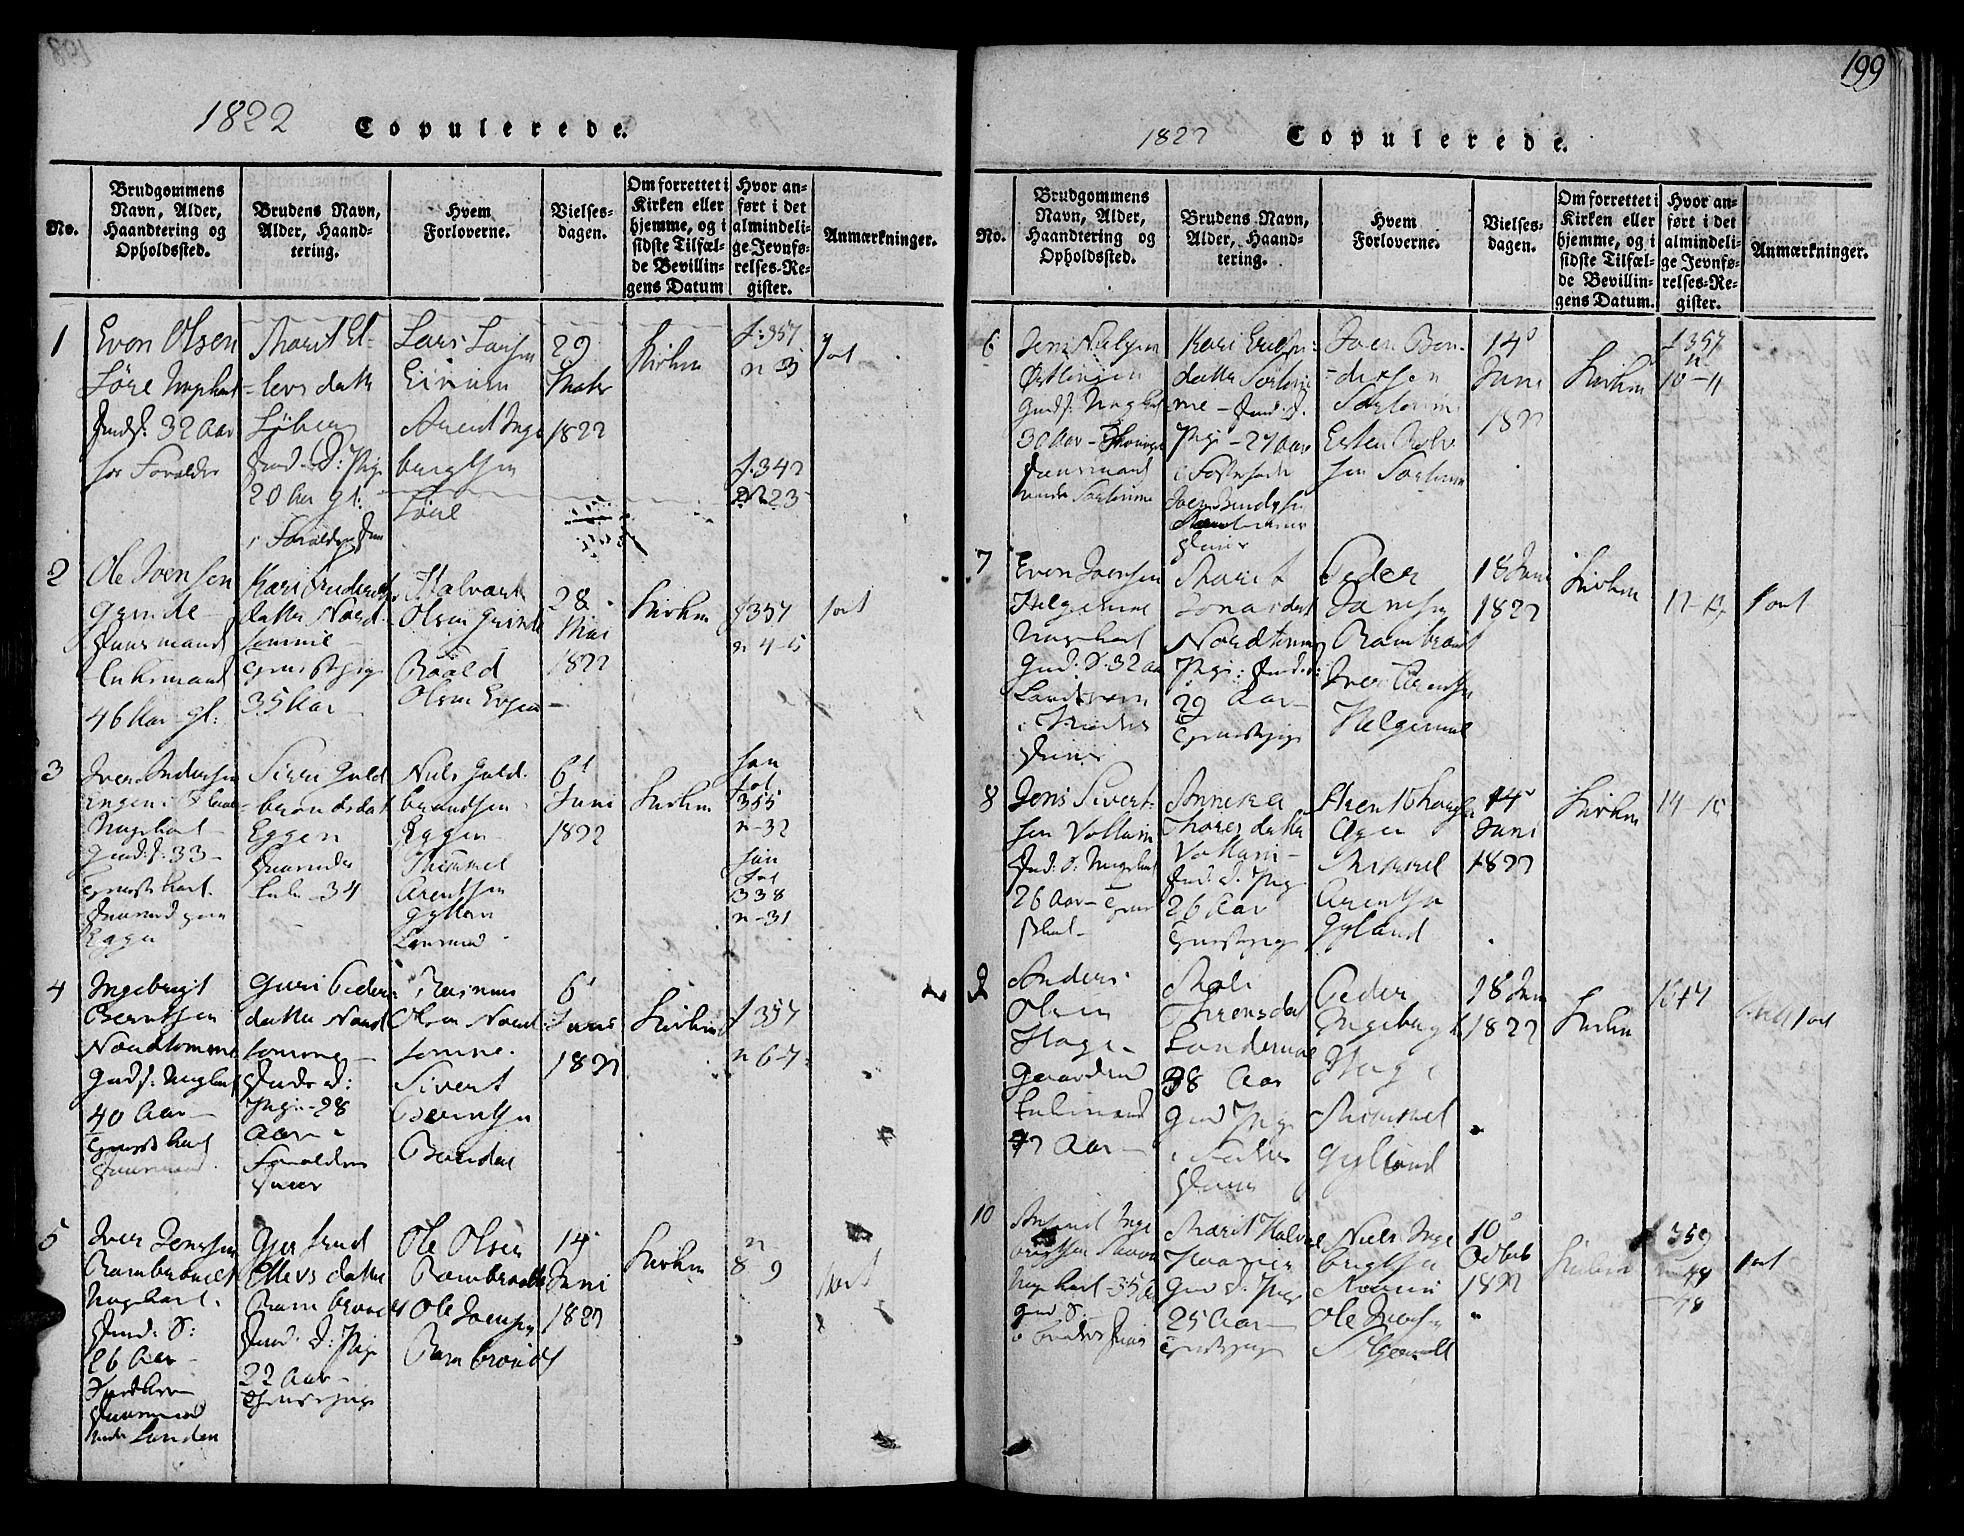 SAT, Ministerialprotokoller, klokkerbøker og fødselsregistre - Sør-Trøndelag, 692/L1102: Ministerialbok nr. 692A02, 1816-1842, s. 199